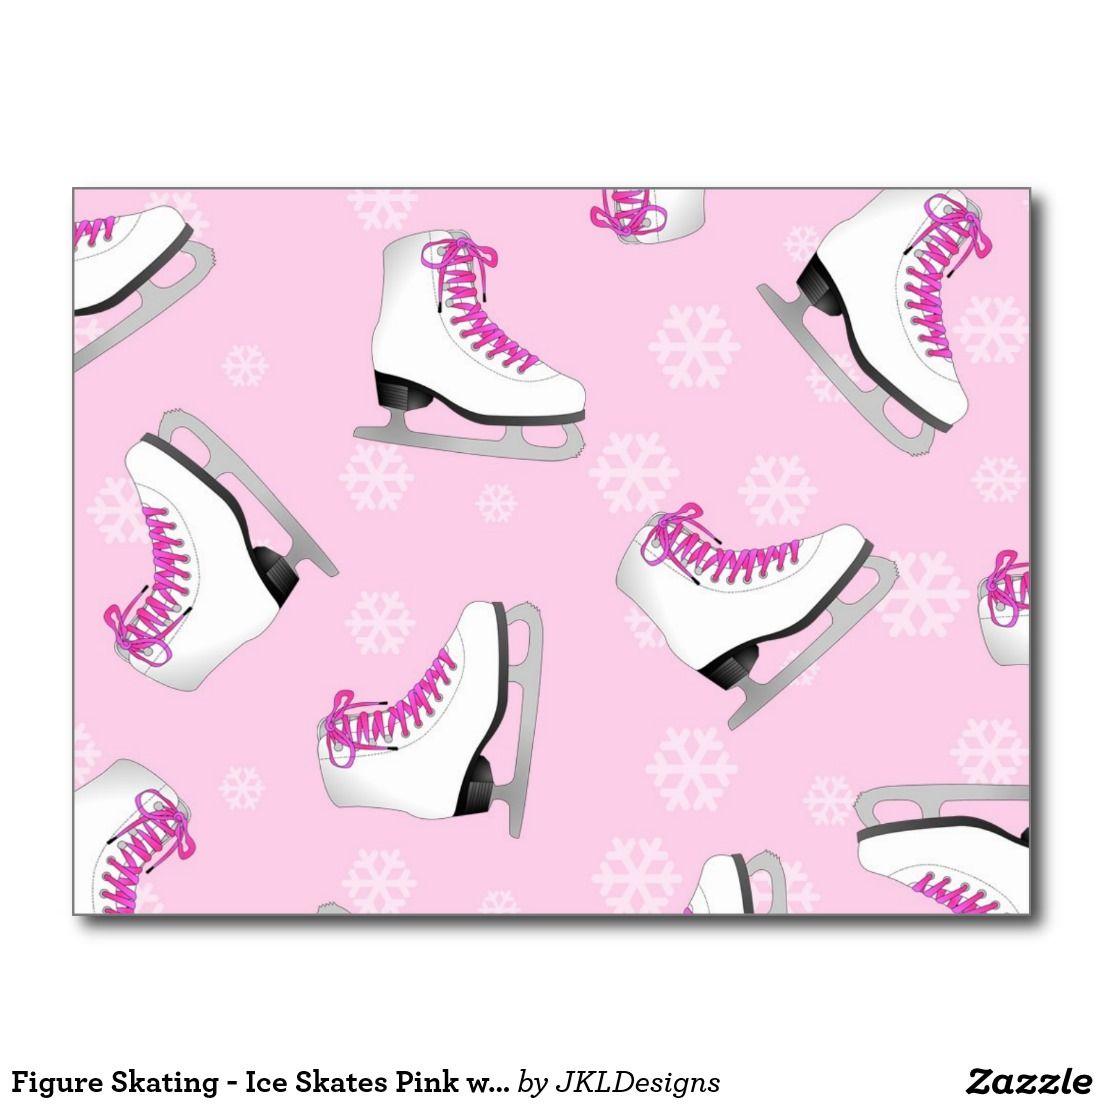 Pink Ice Skate colgante en madera cuentas encanto patinaje artístico sobre hielo de coche